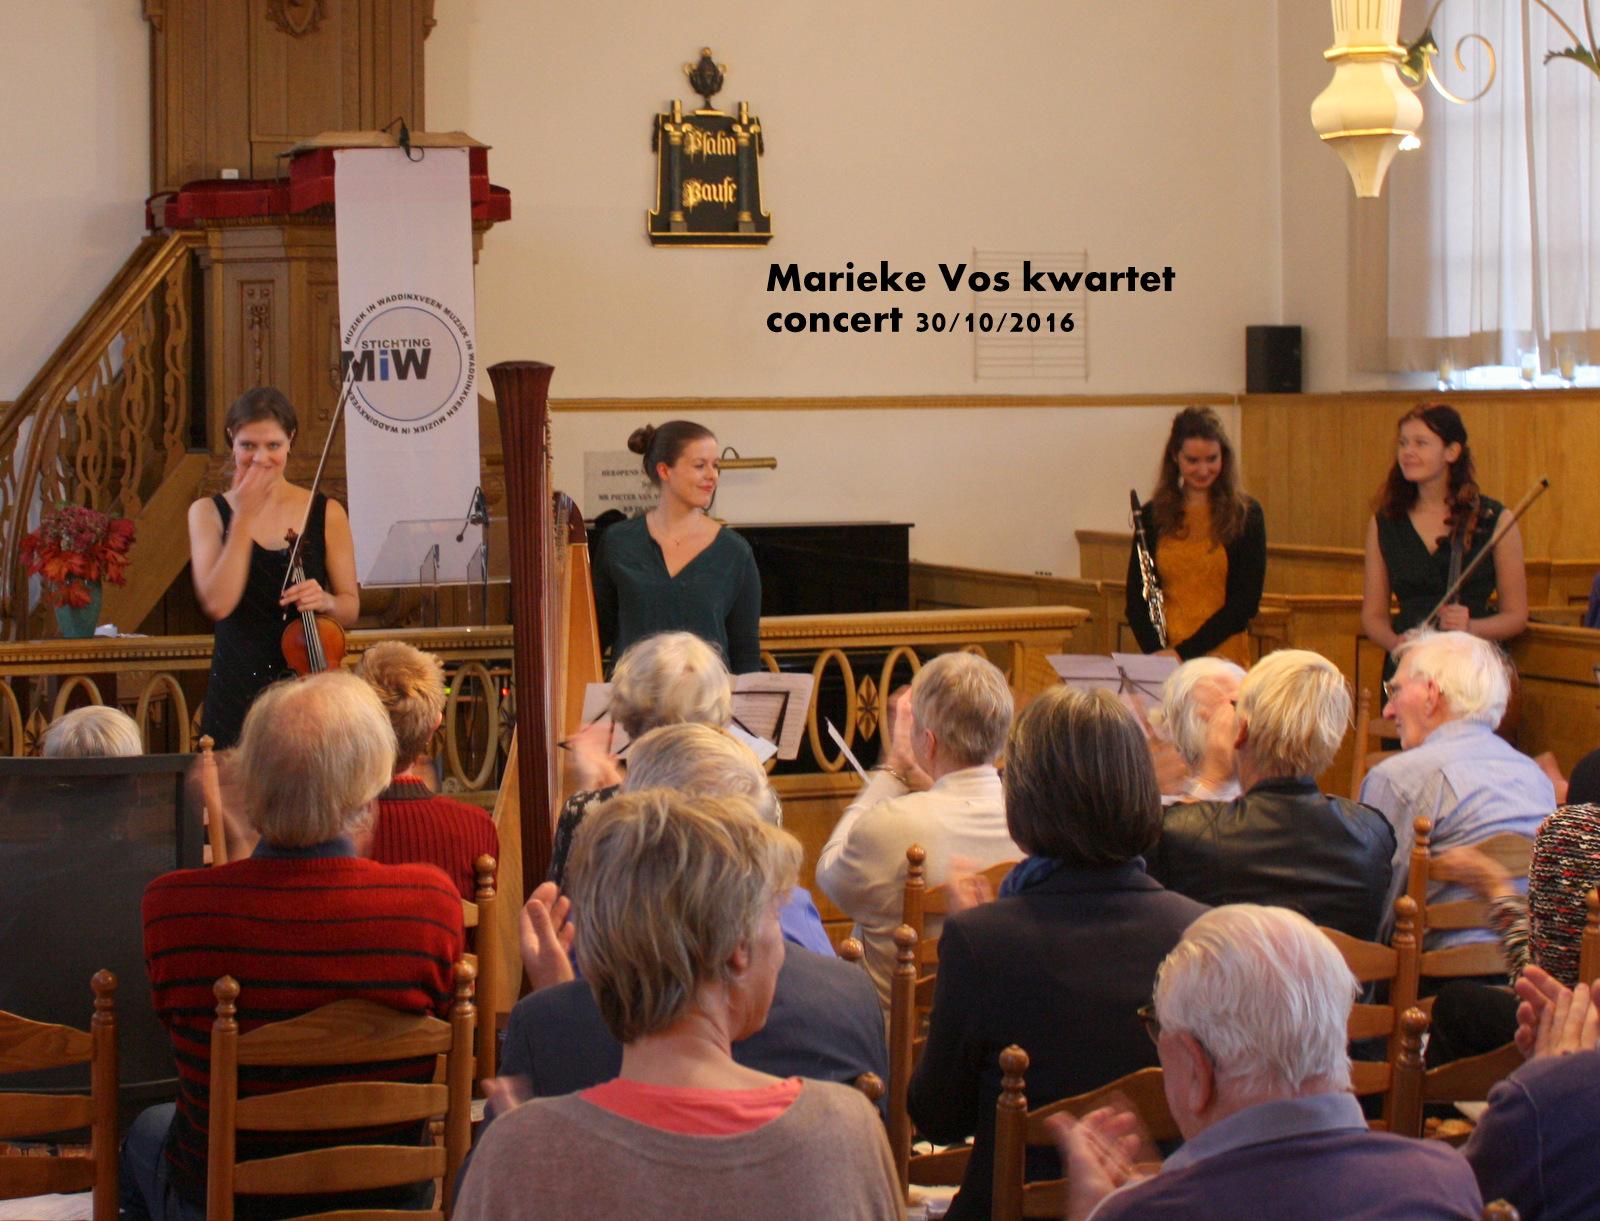 Marijeke Vos Kwartet van 30 oktober 2016